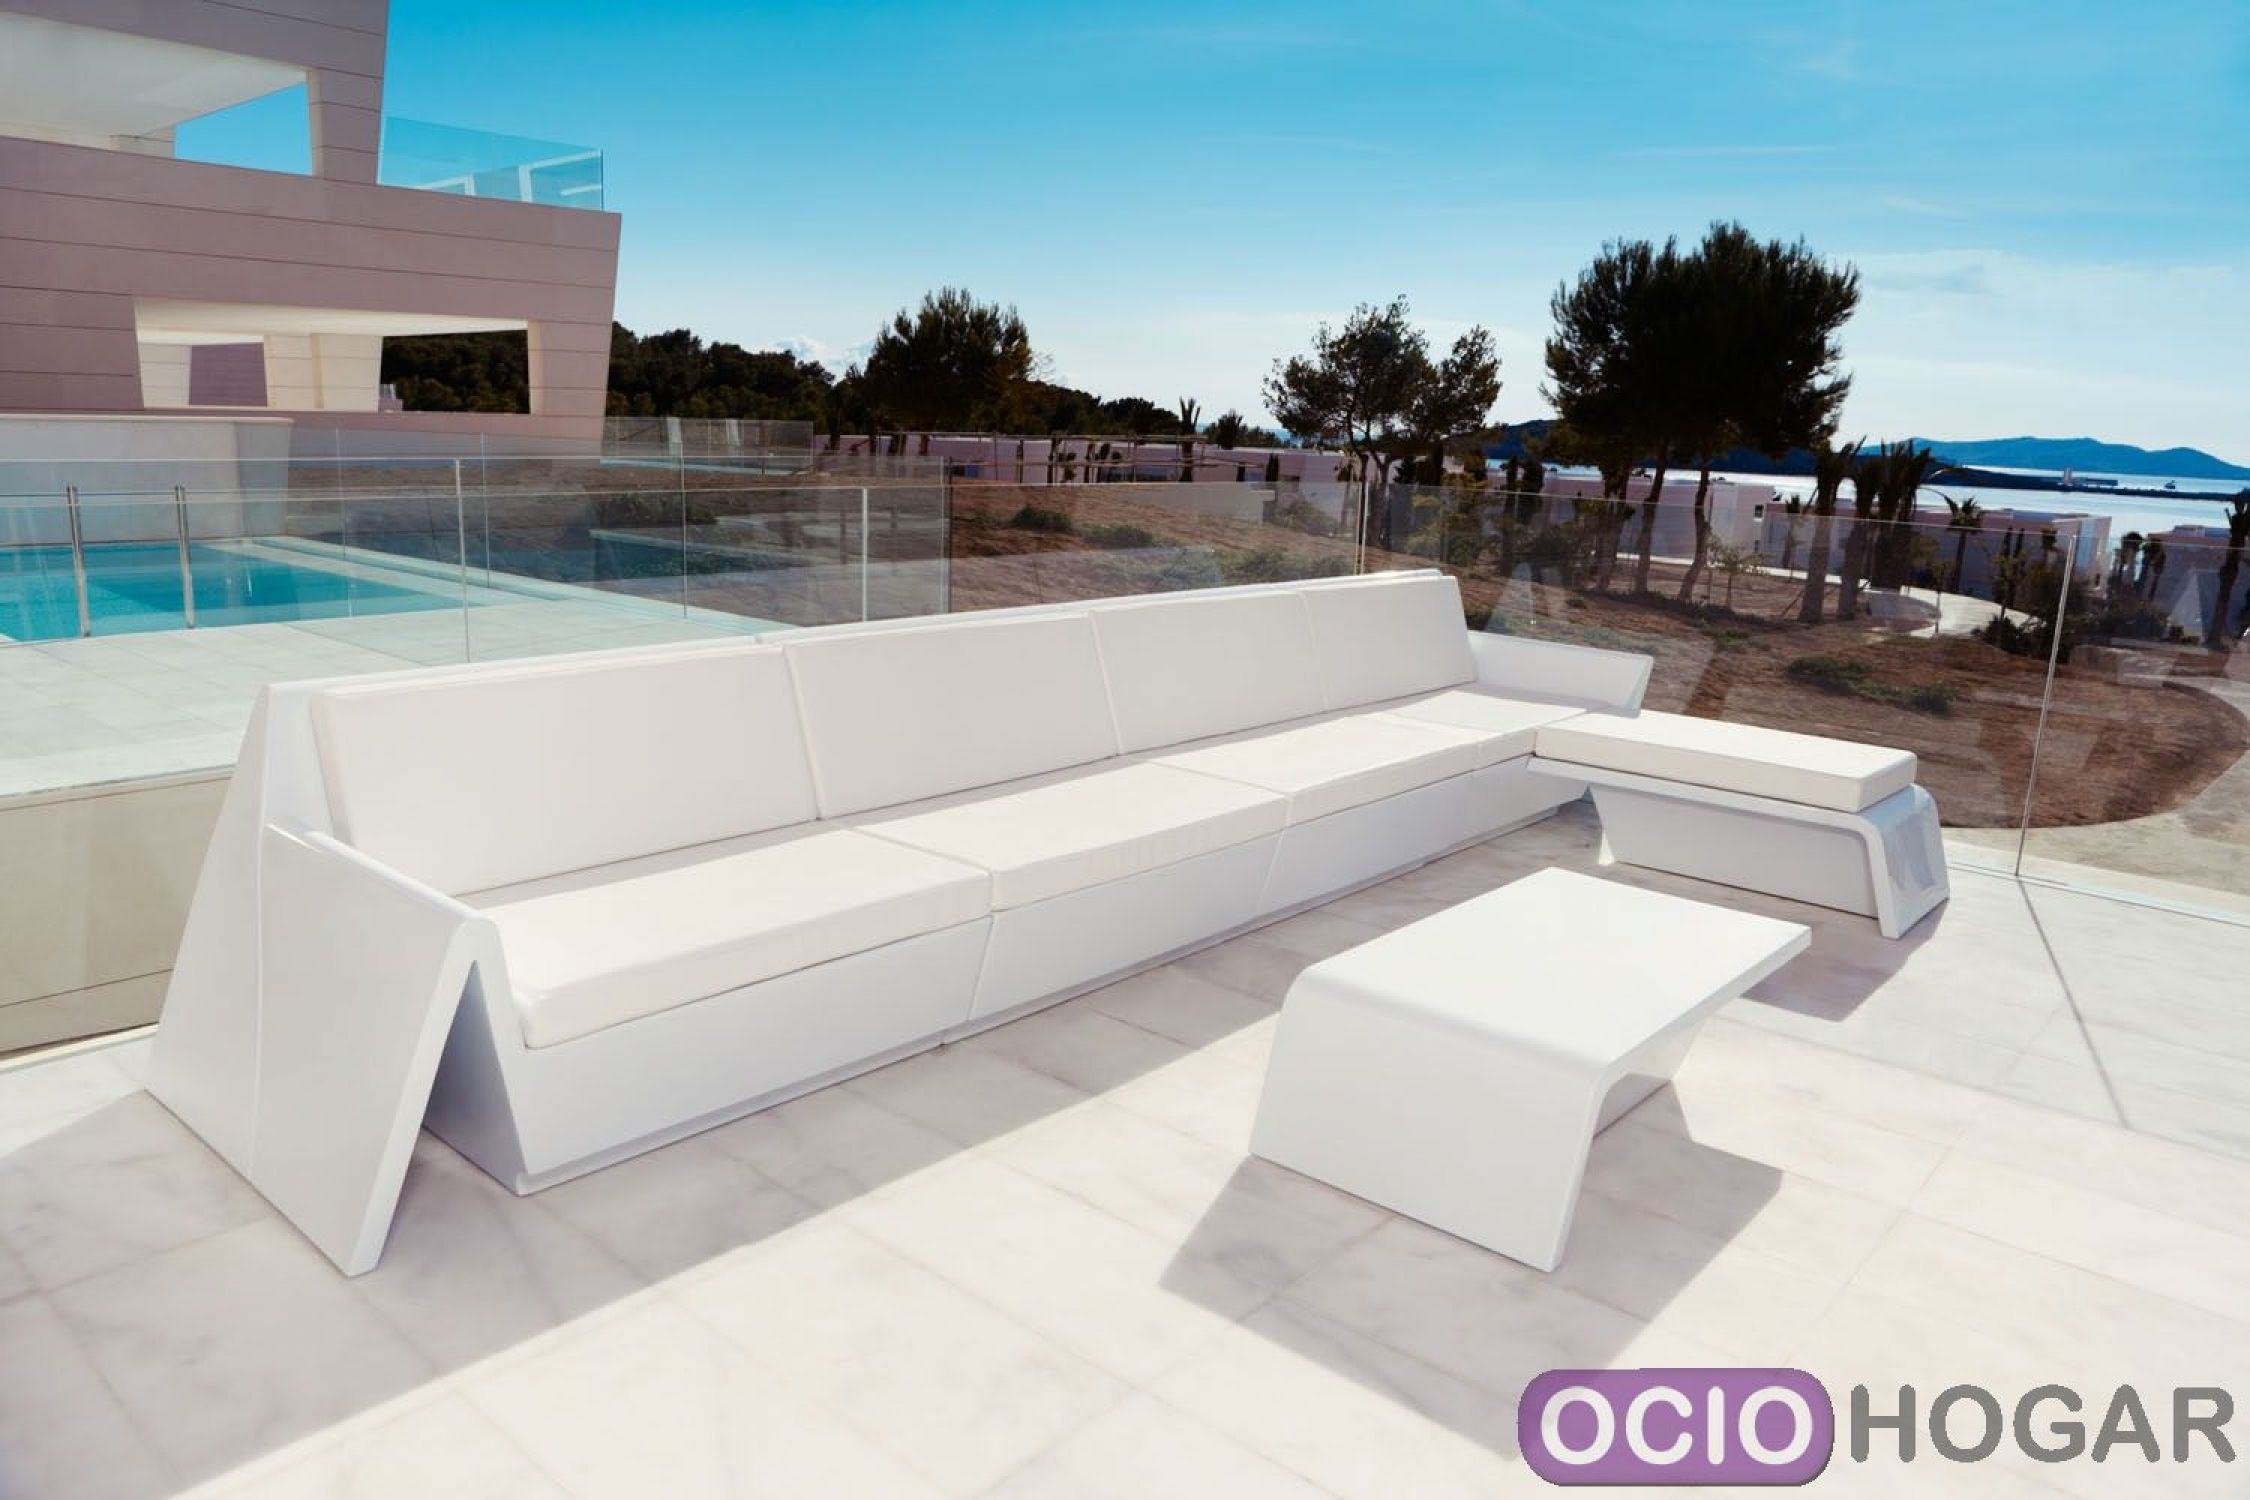 Comprar sof modular rest de vondom for Sofa chill out exterior